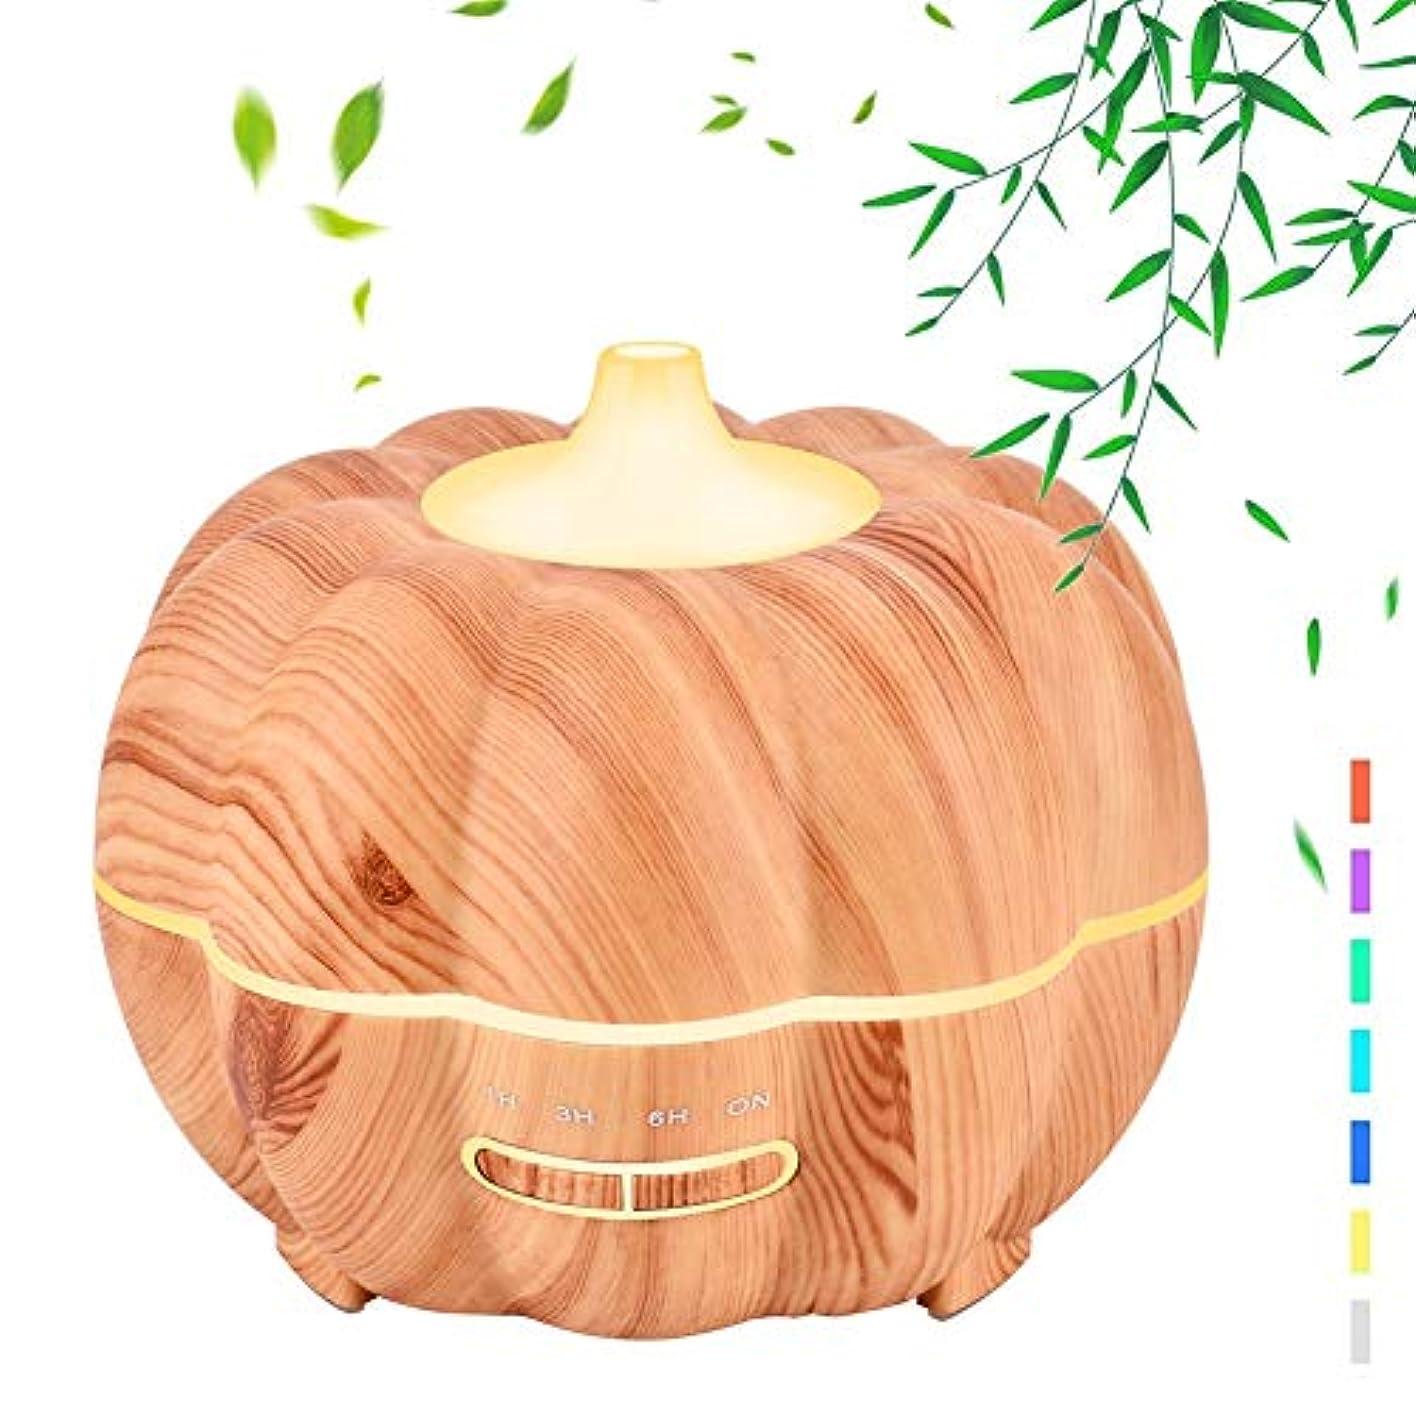 寄付付属品十代300ミリリットル木材穀物エッセンシャルオイルディフューザー、加湿器超音波アロマセラピーアロマセラピーディフューザー加湿器、静かな操作、7色フレグランスランプ、ホームオフィス用ヨガスパ,Lightwoodgrain